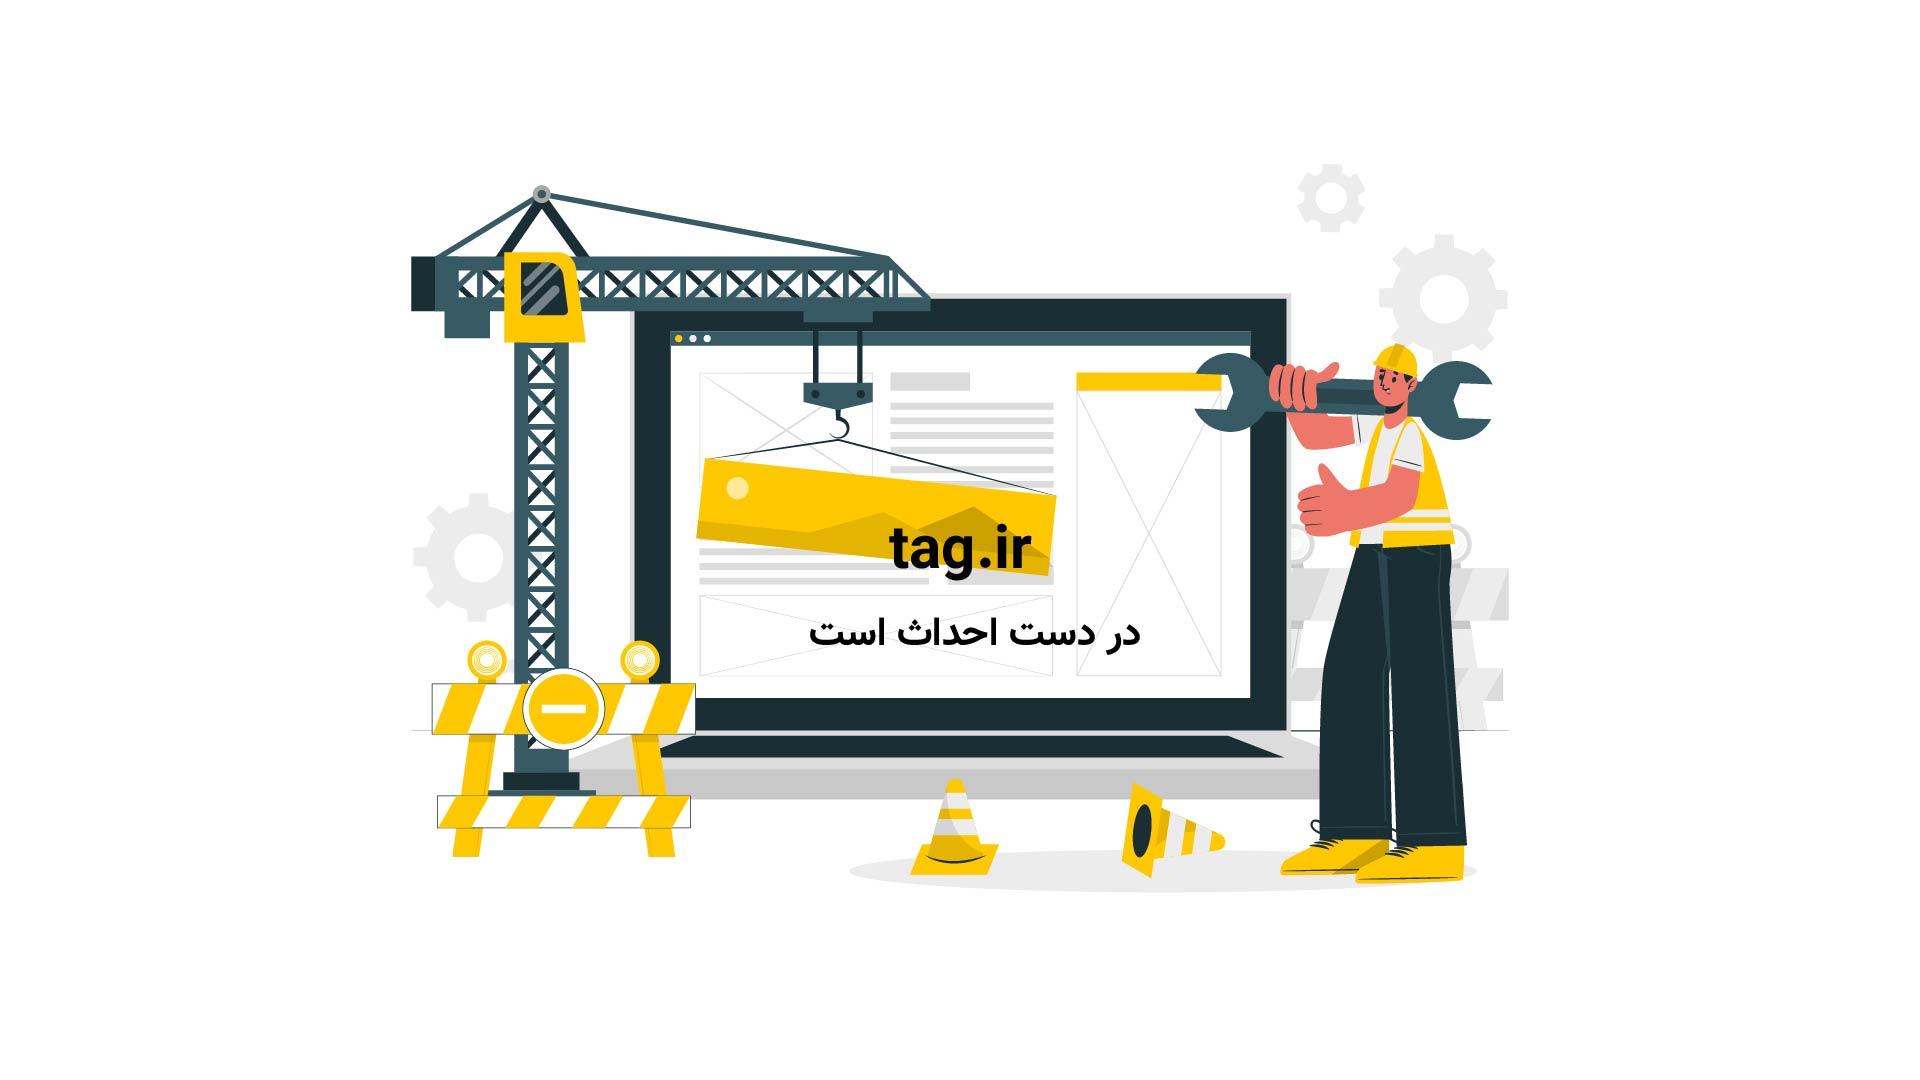 توفر وایت: چه چیزی می تواند جنگل های بارانی را حفظ کند | فیلم